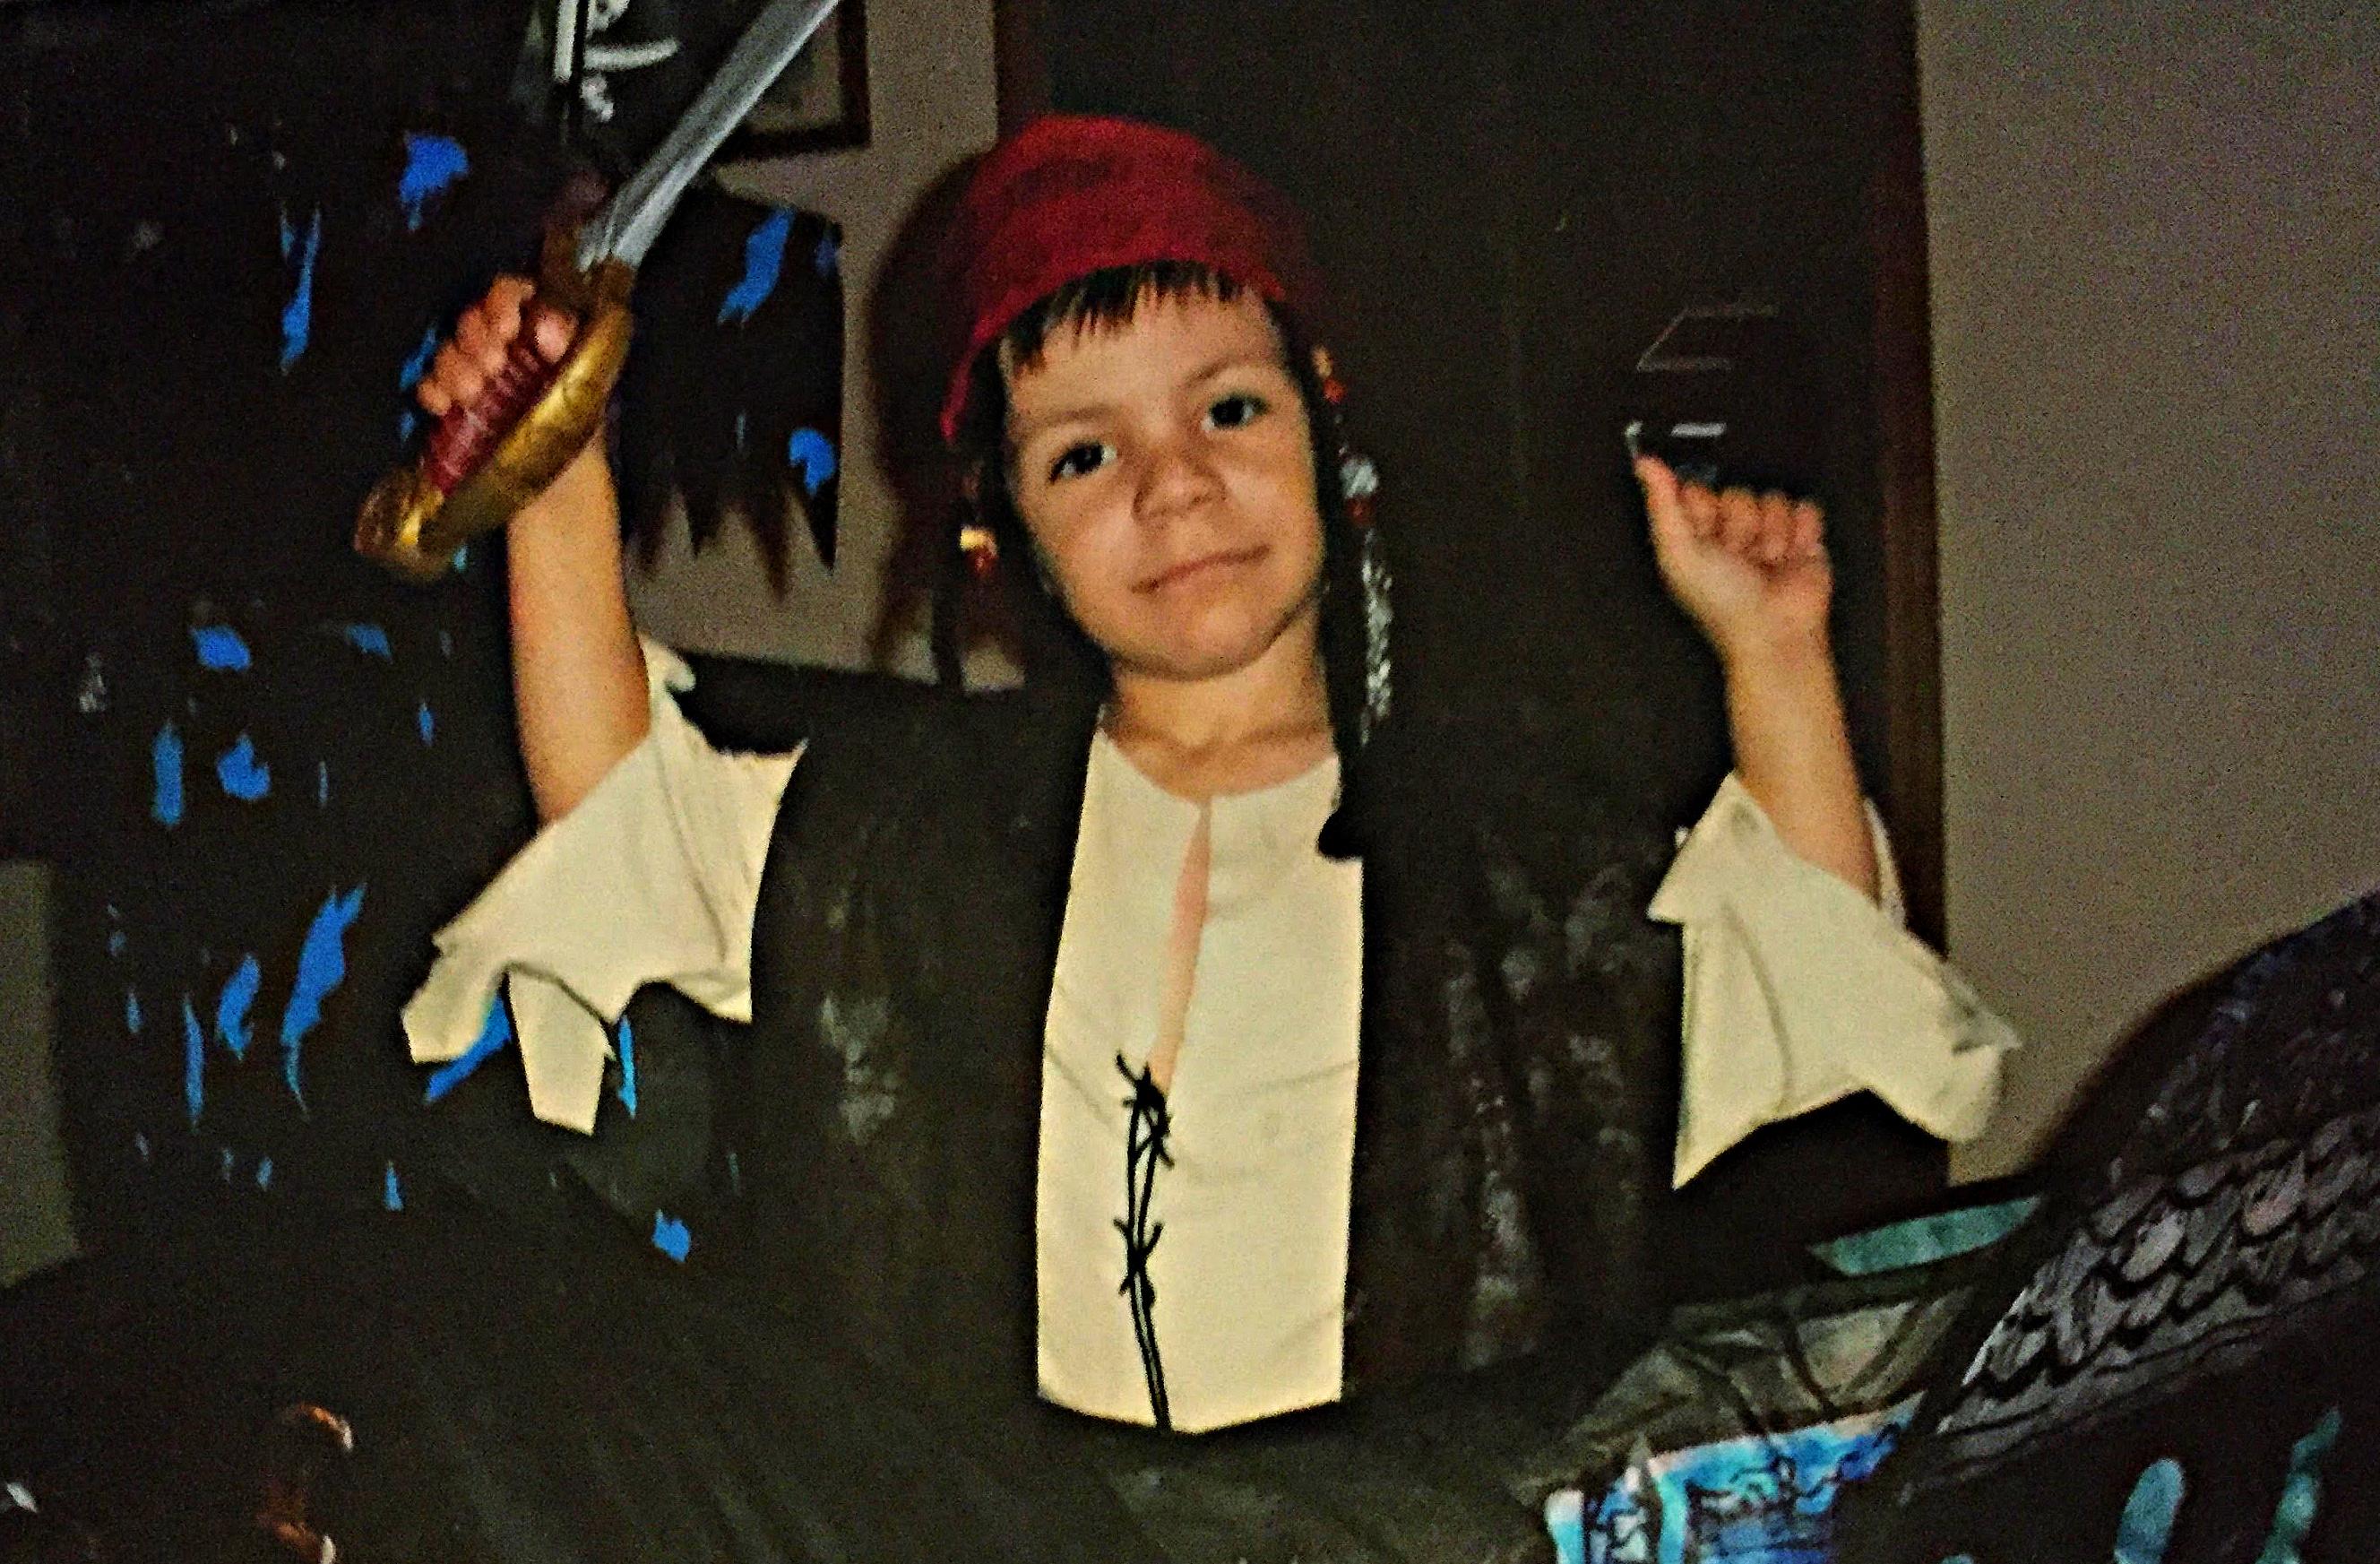 D pirate in boat